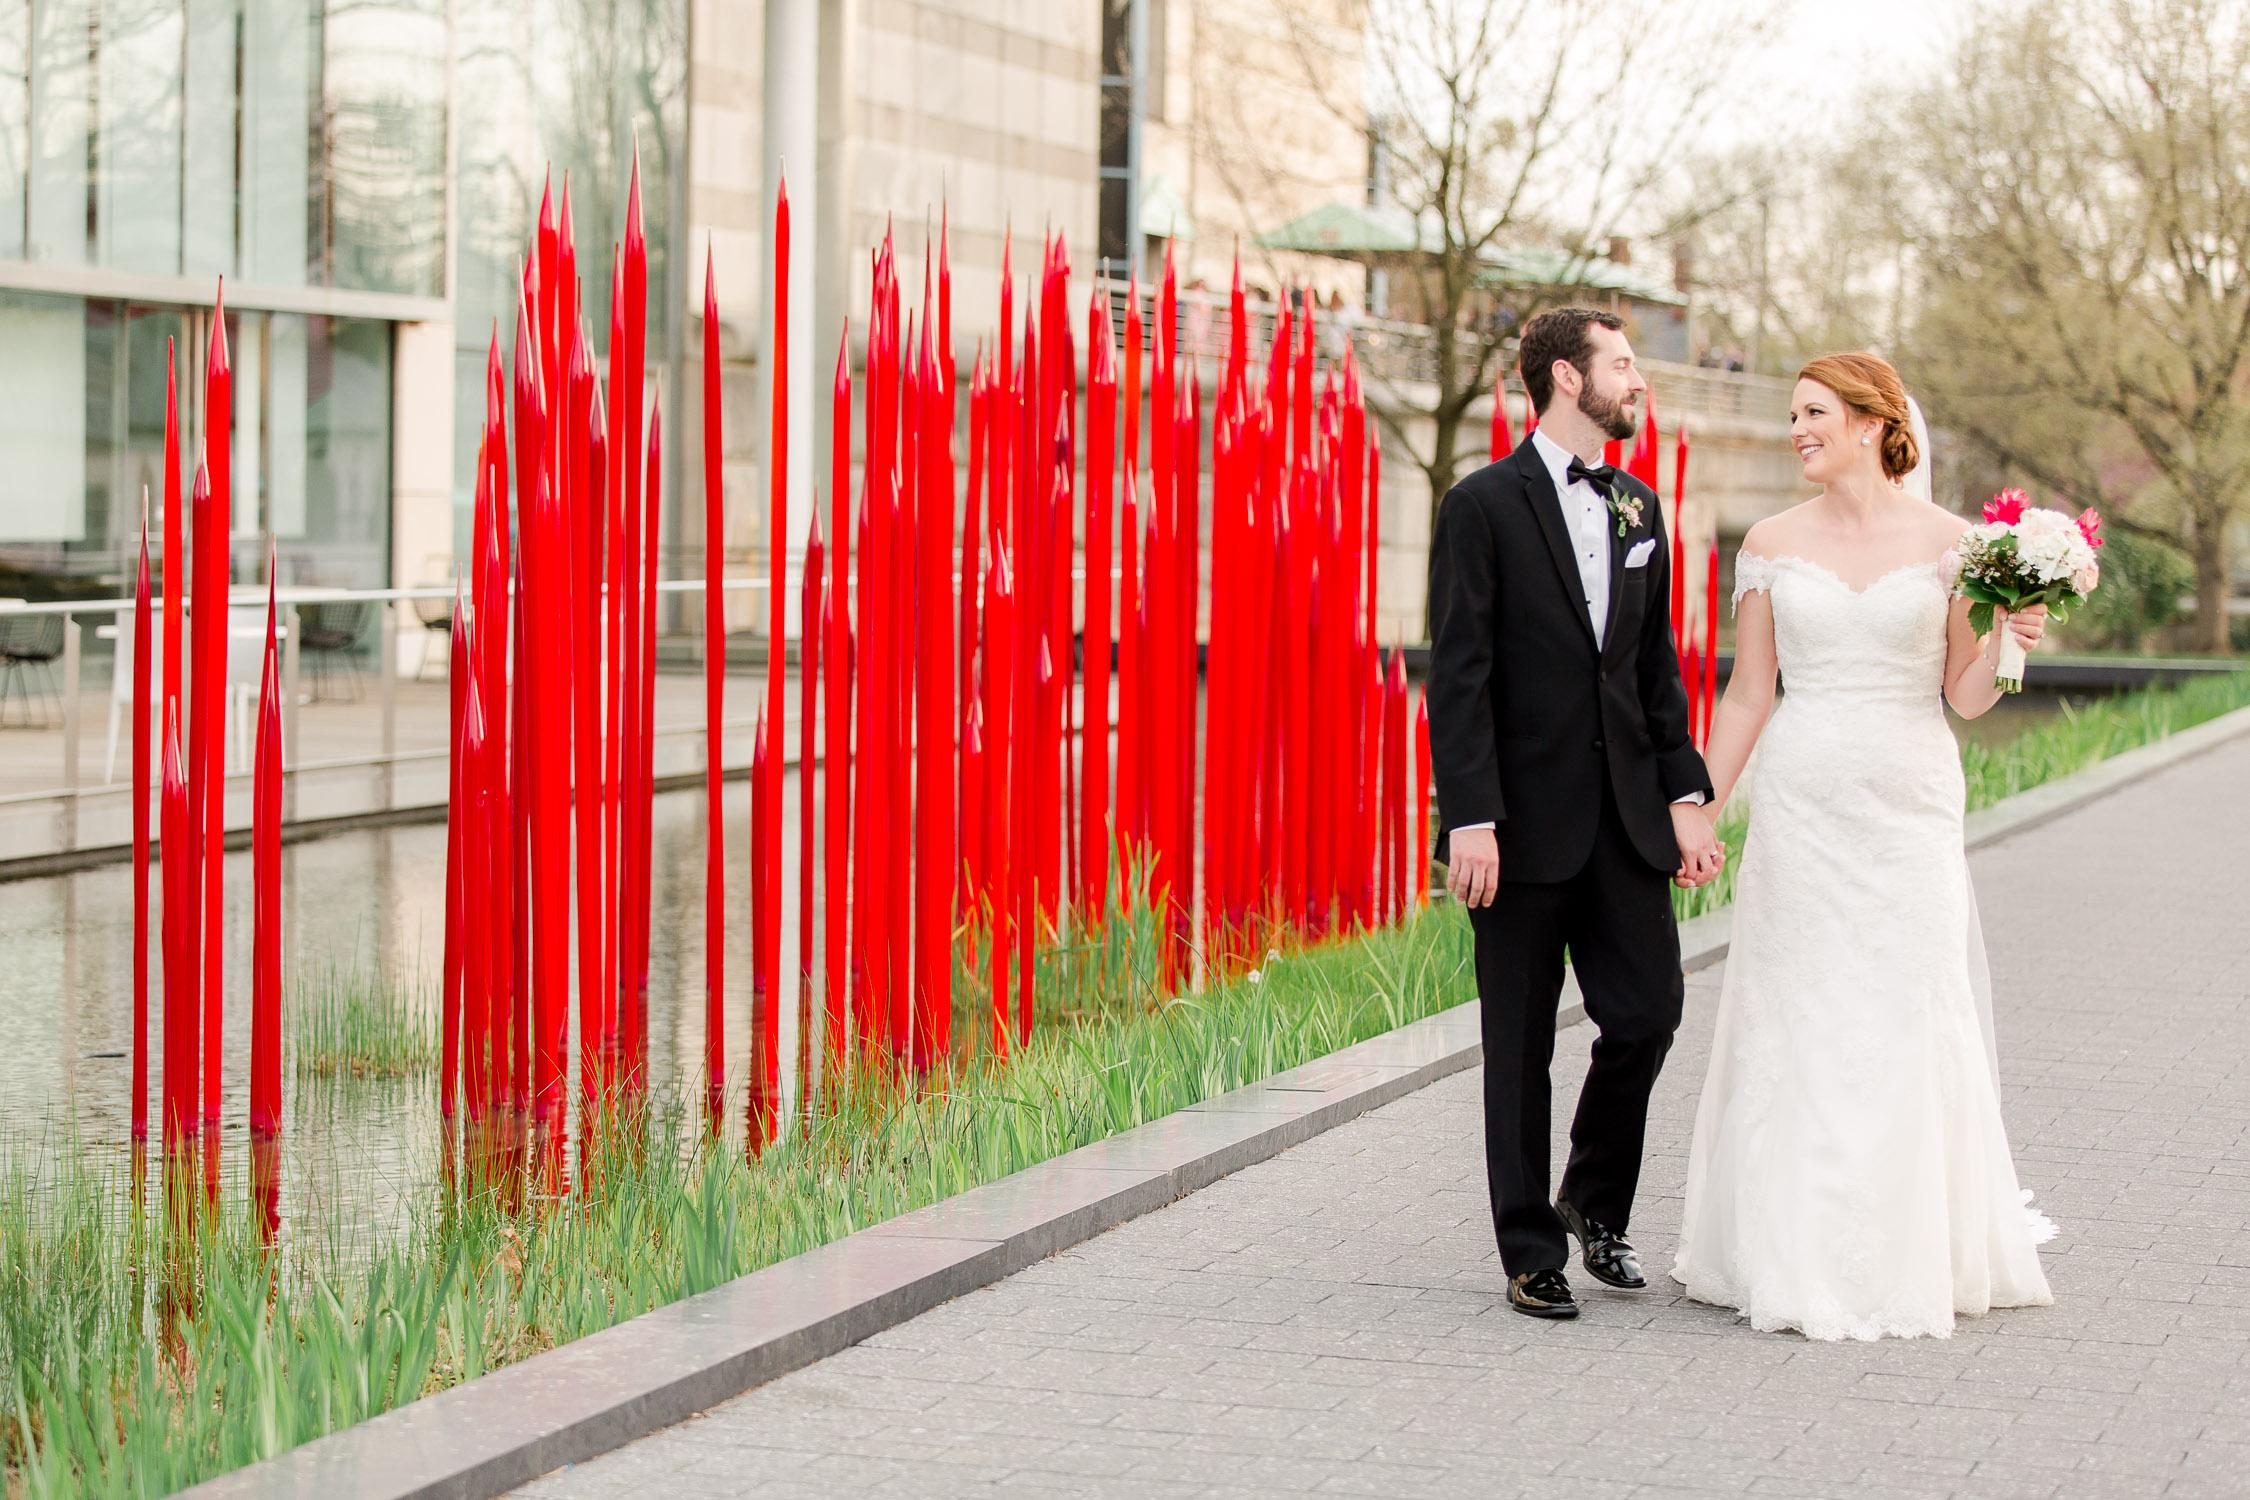 VMFA Wedding In Richmond, VA